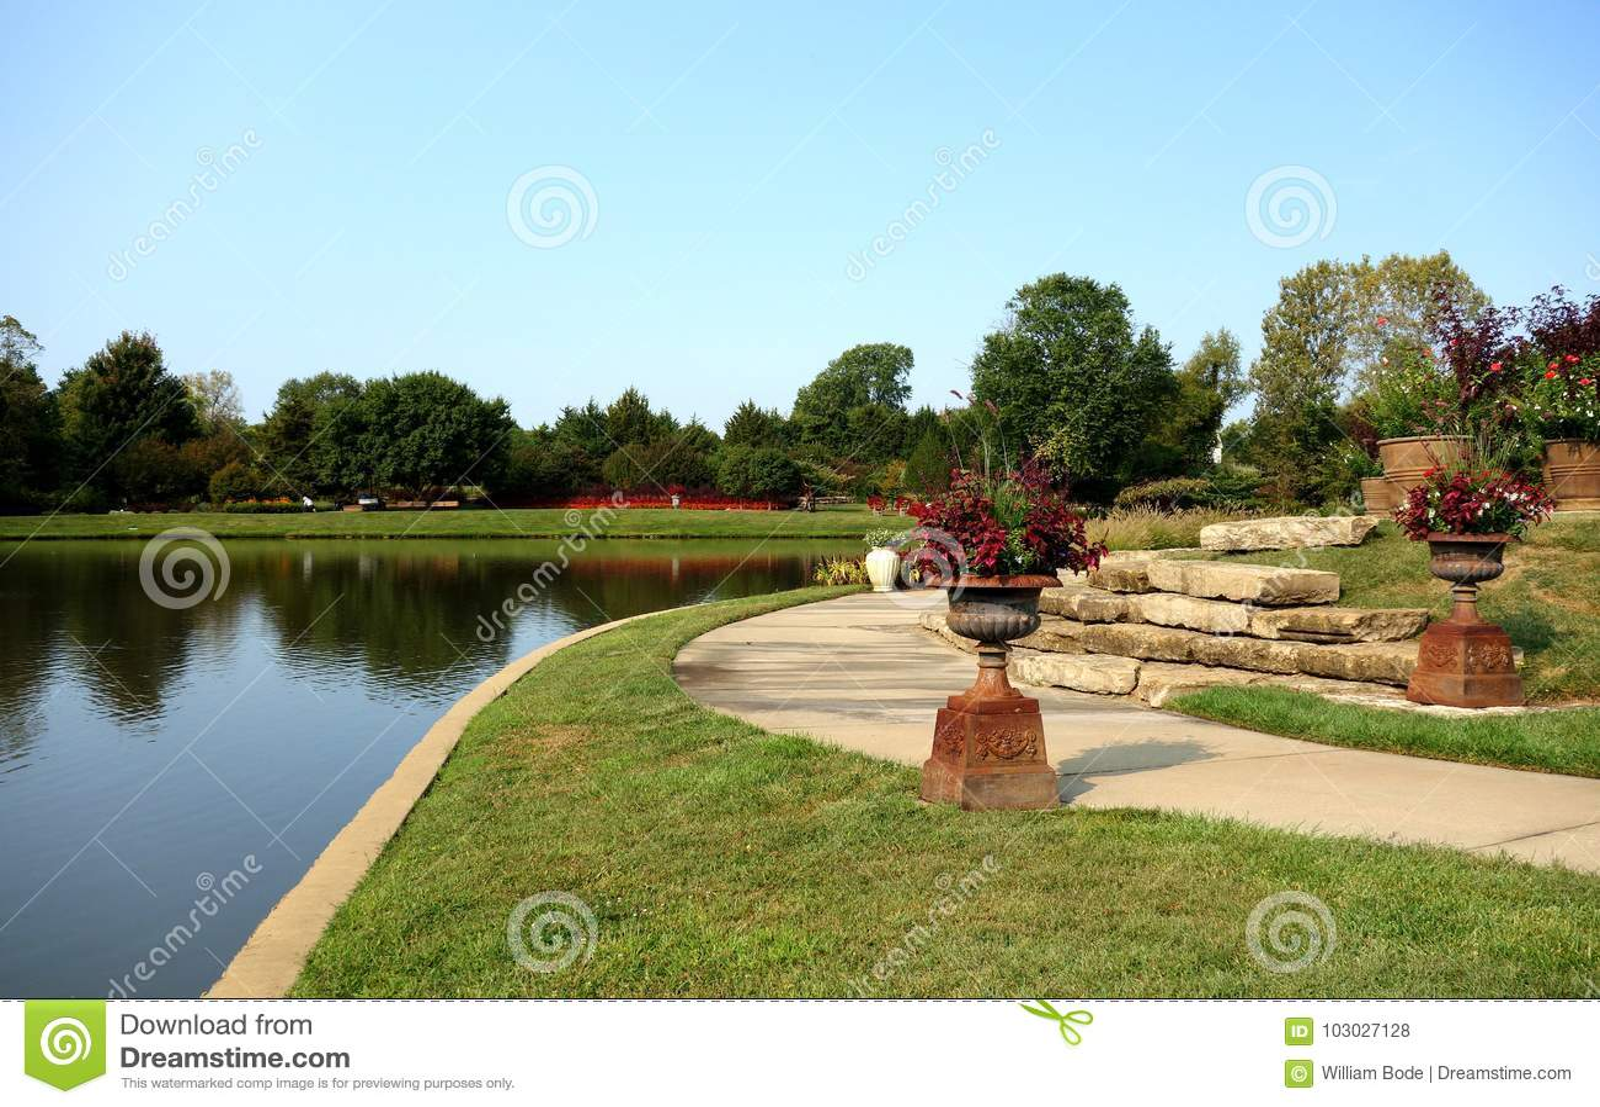 Teich am Überlandpark-Arboretum